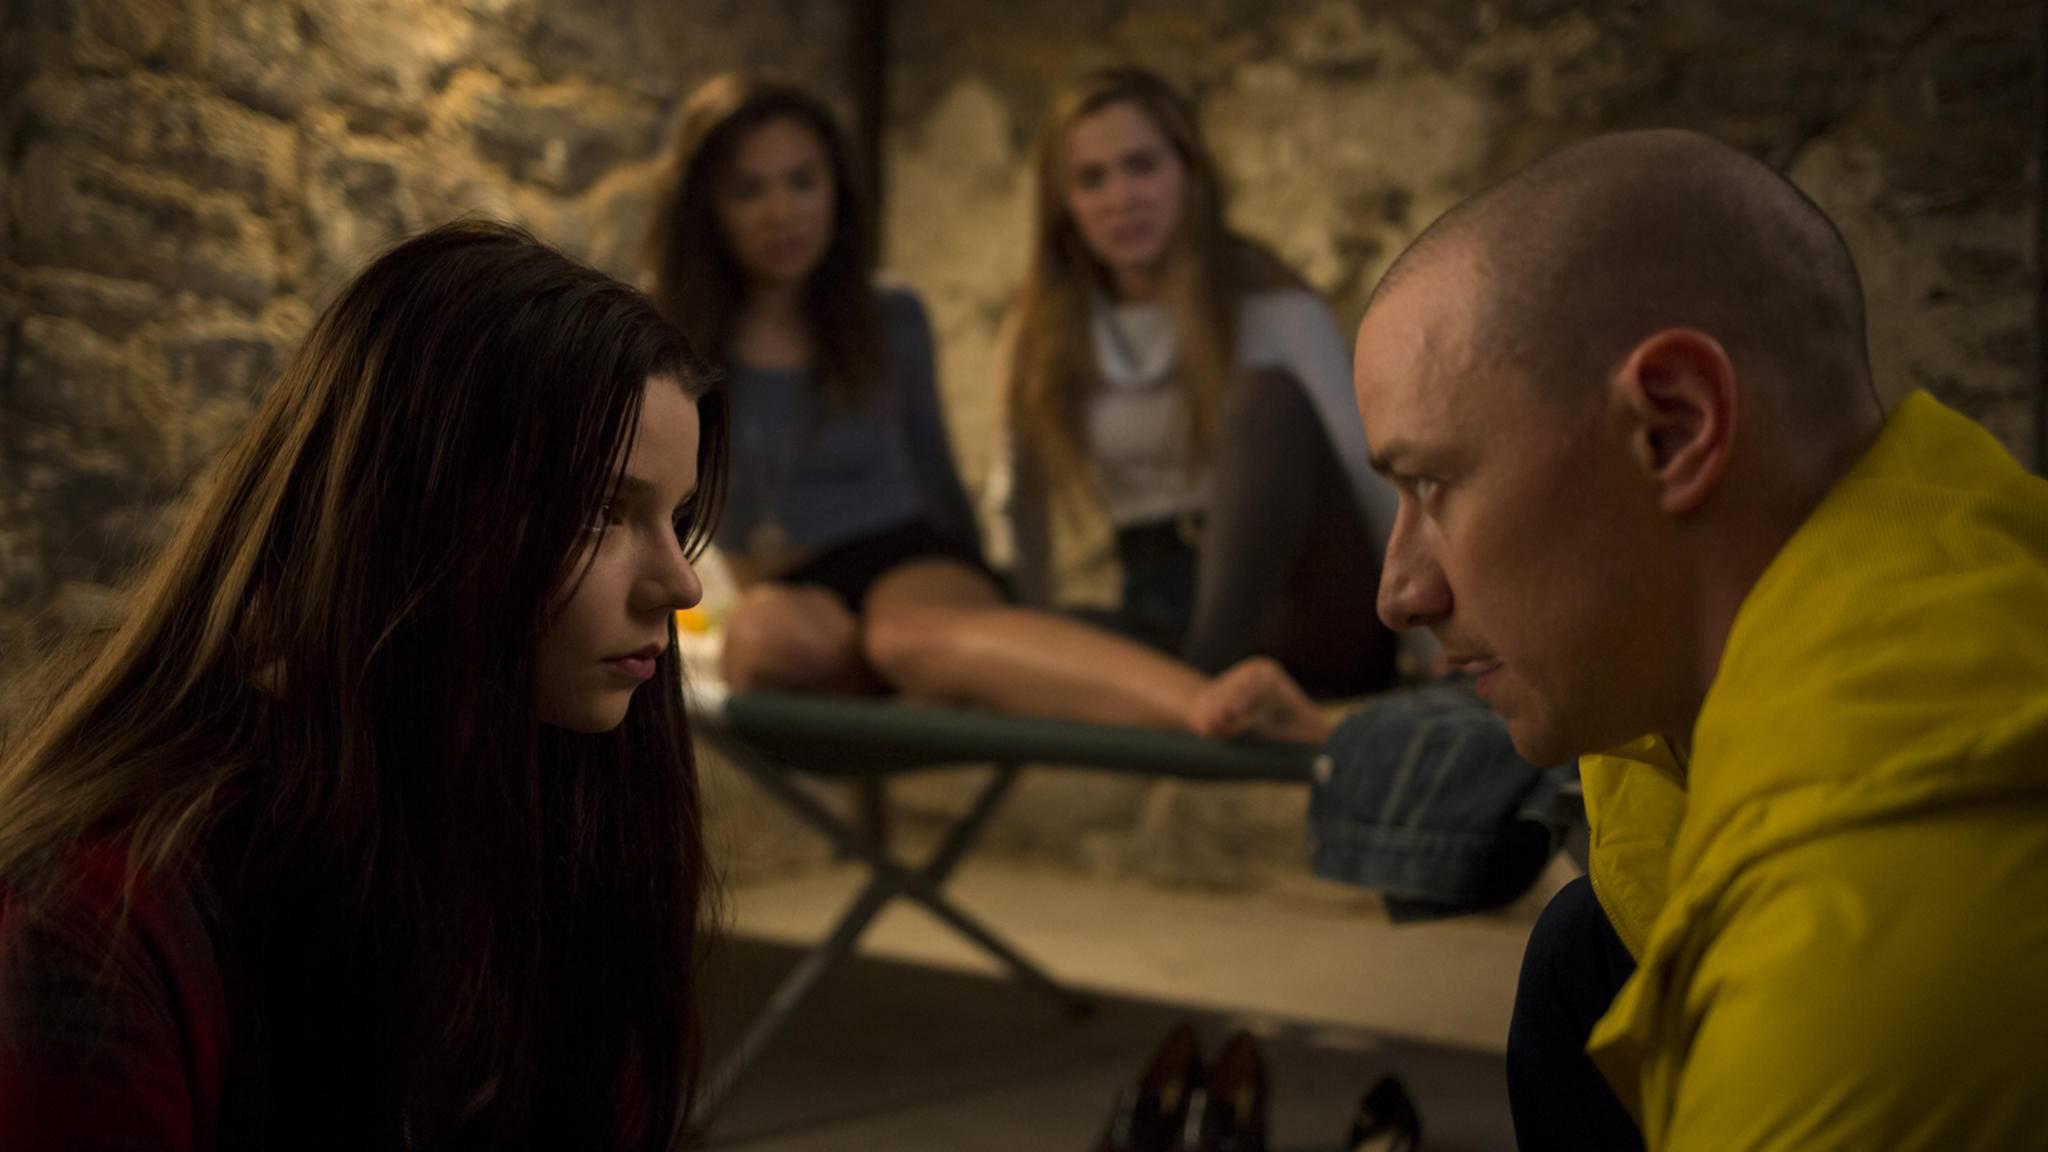 """Wie hängen """"Split"""" und """"Unbreakable"""" genau zusammen? Regisseur M. Night Shyamalan gibt darauf Anfang 2019 eine Antwort."""